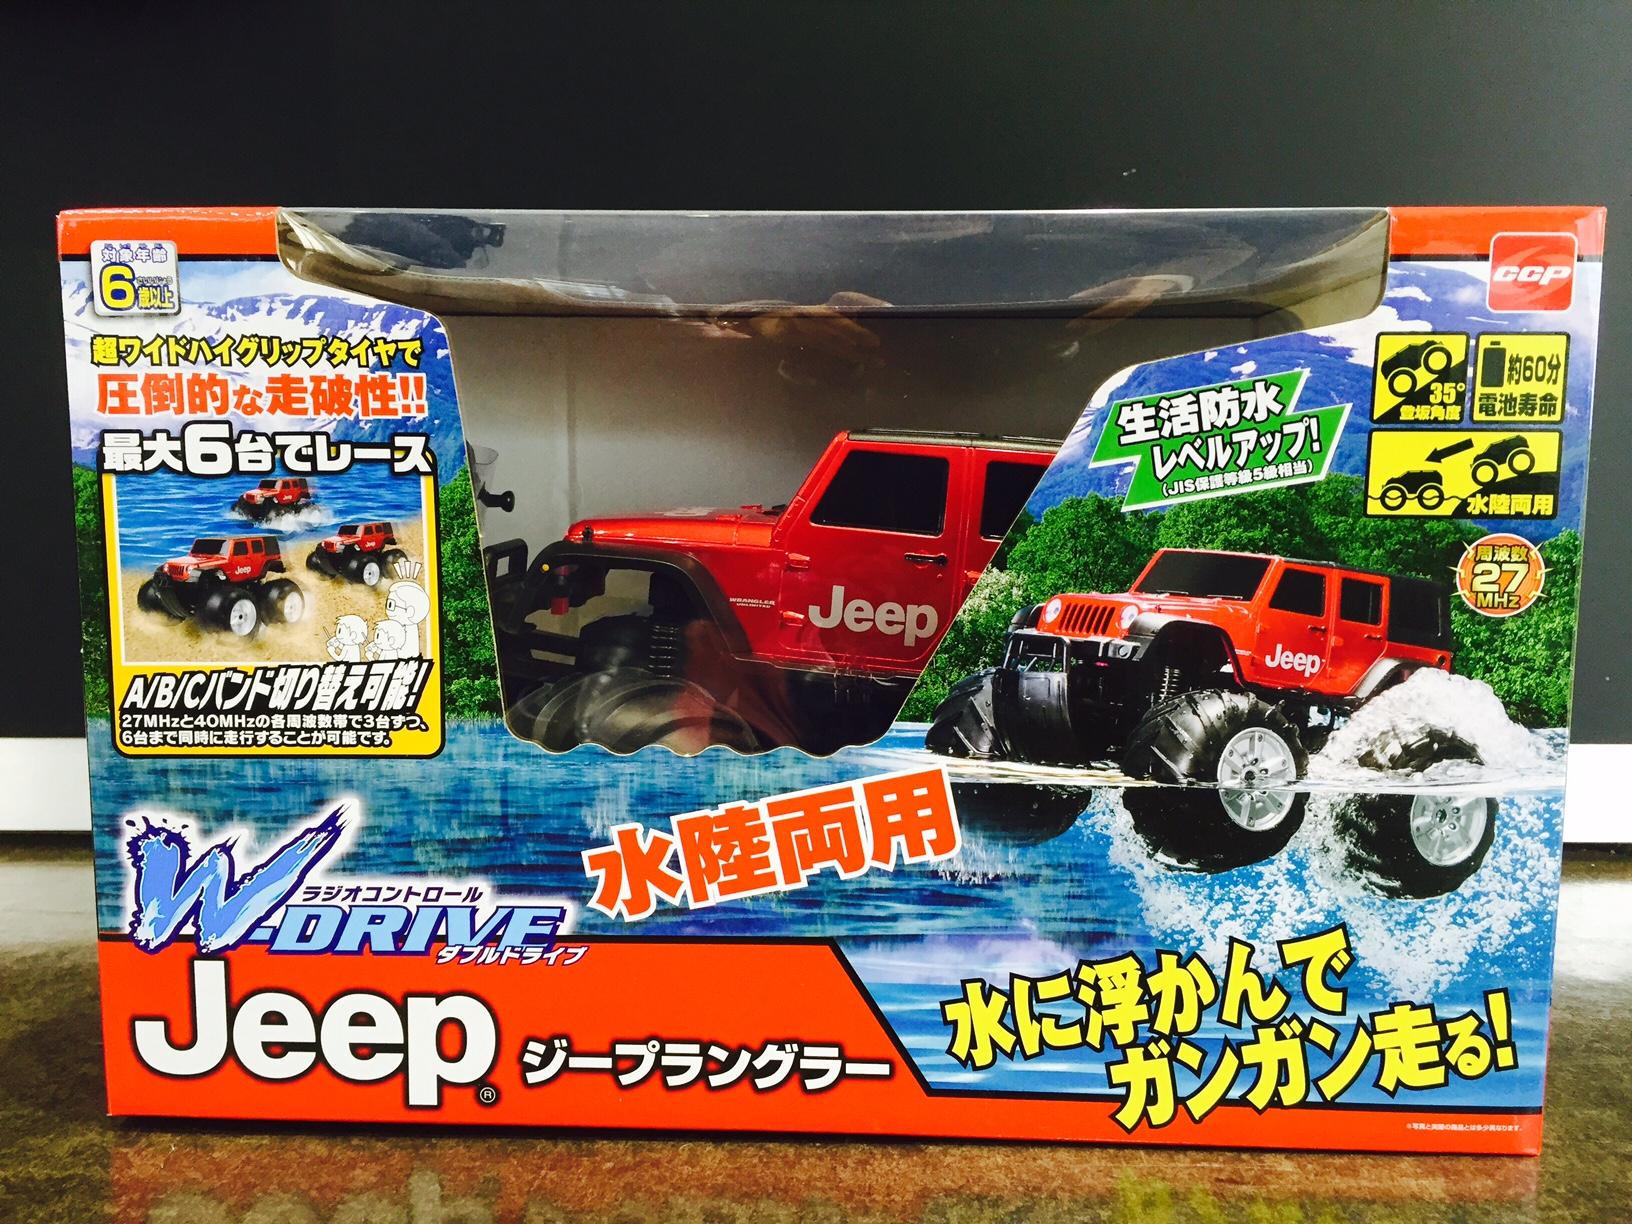 Jeep Wドライブ 1/16 水陸両用